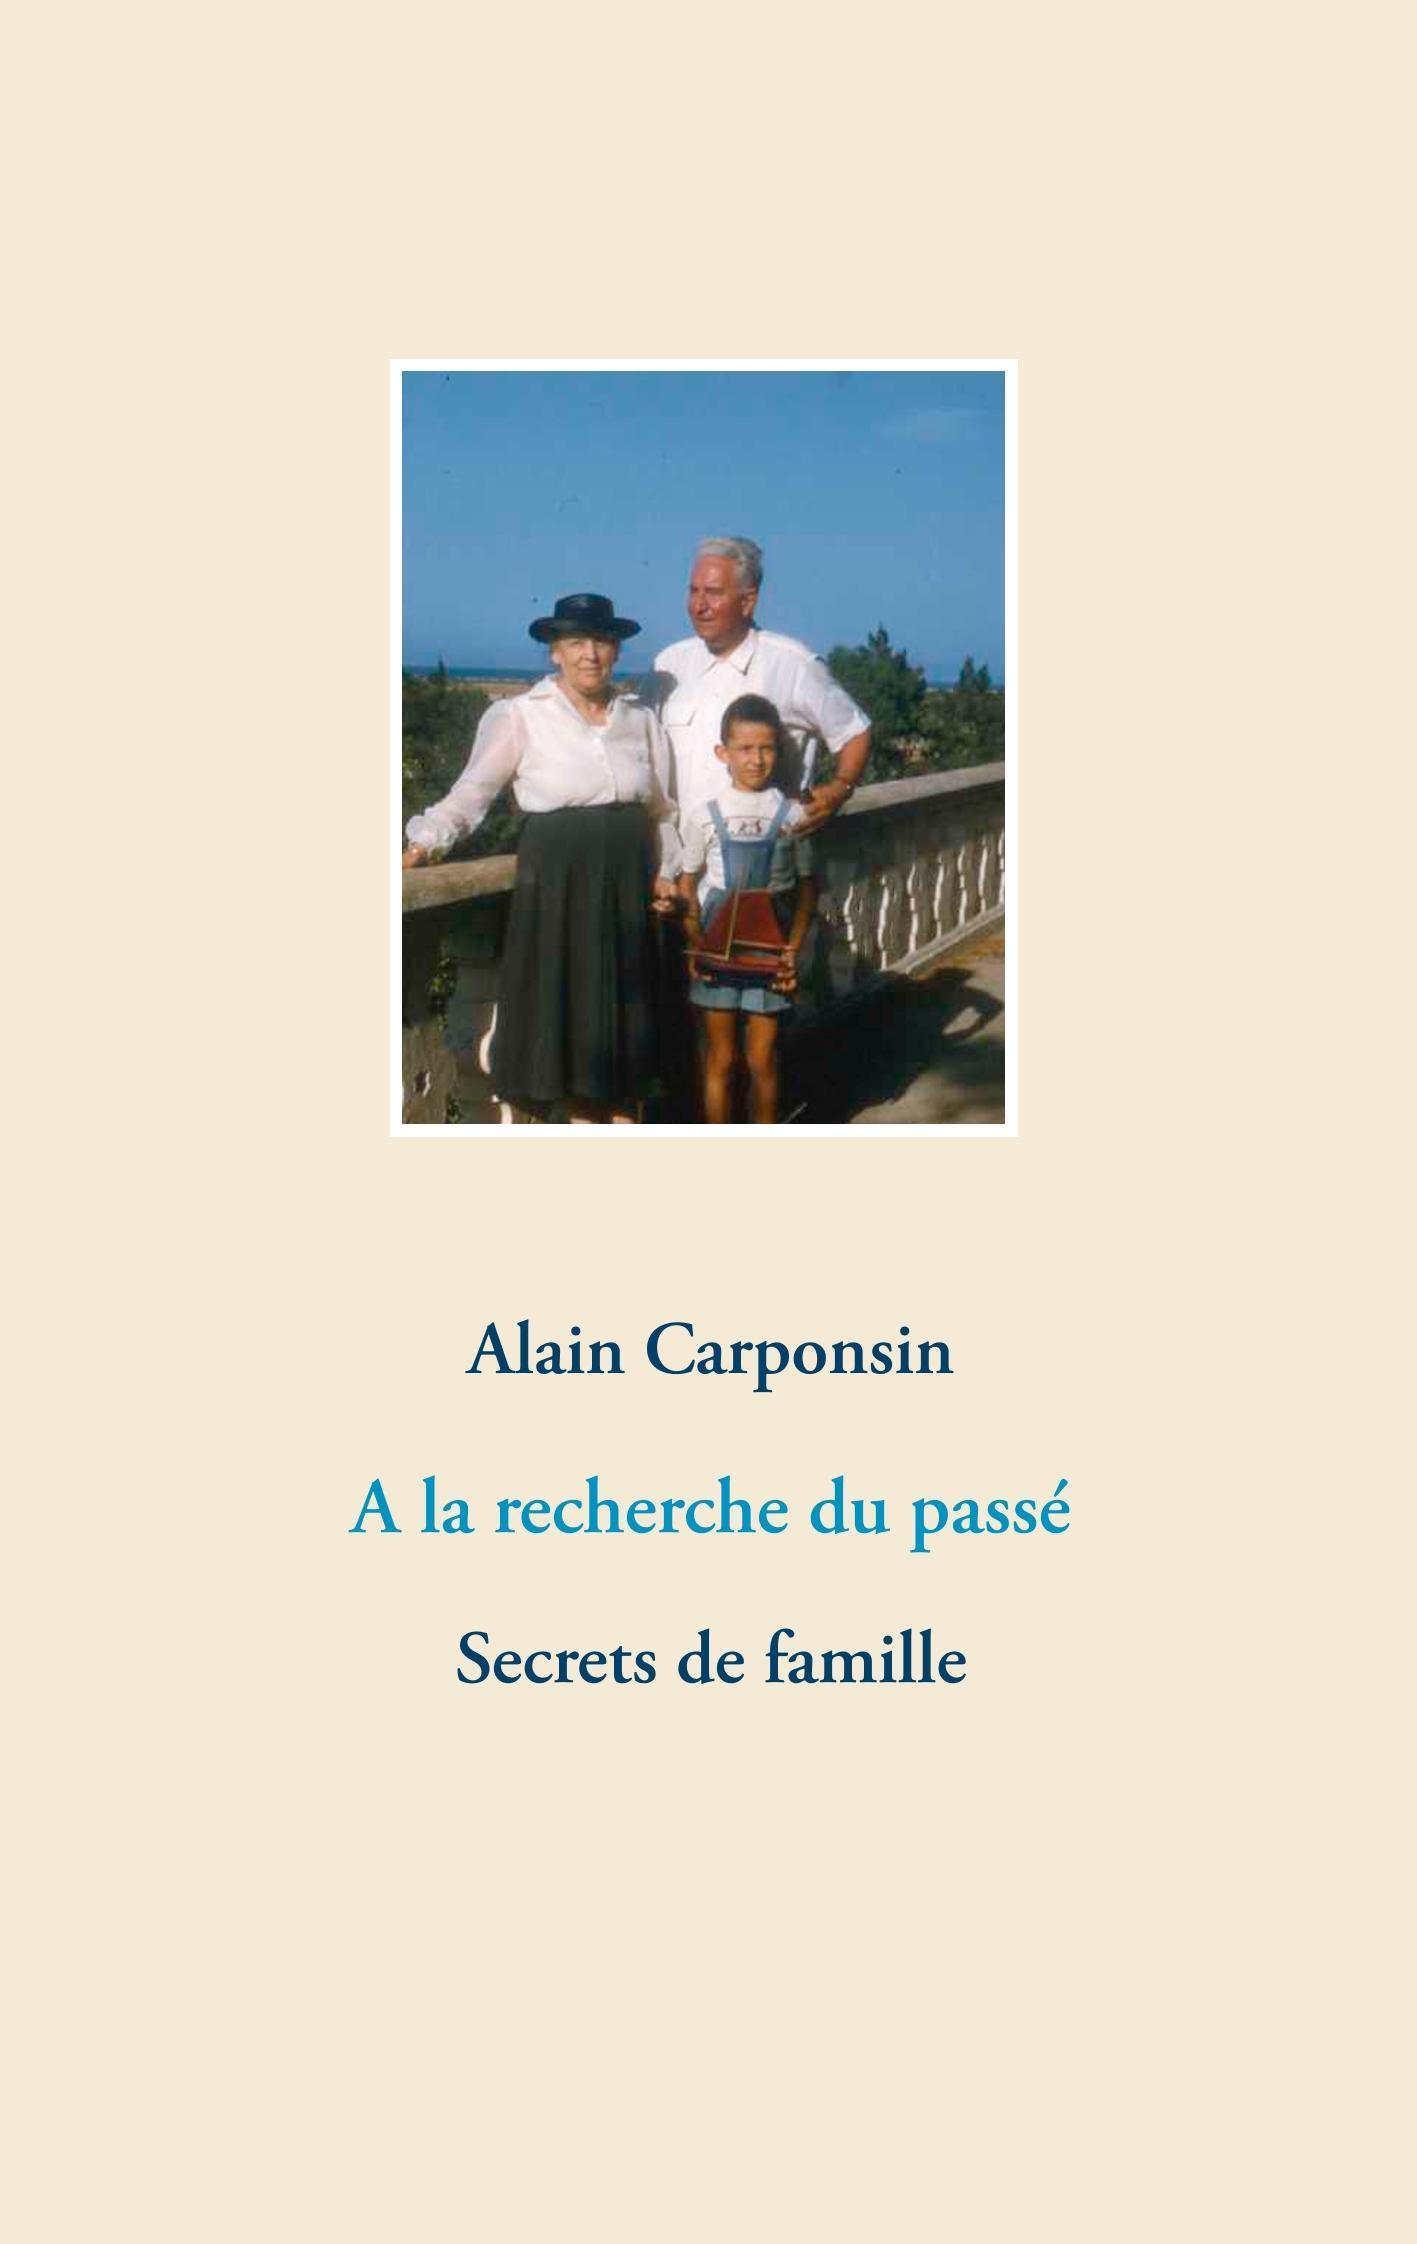 A la recherche du passé - Carponsin, Alain